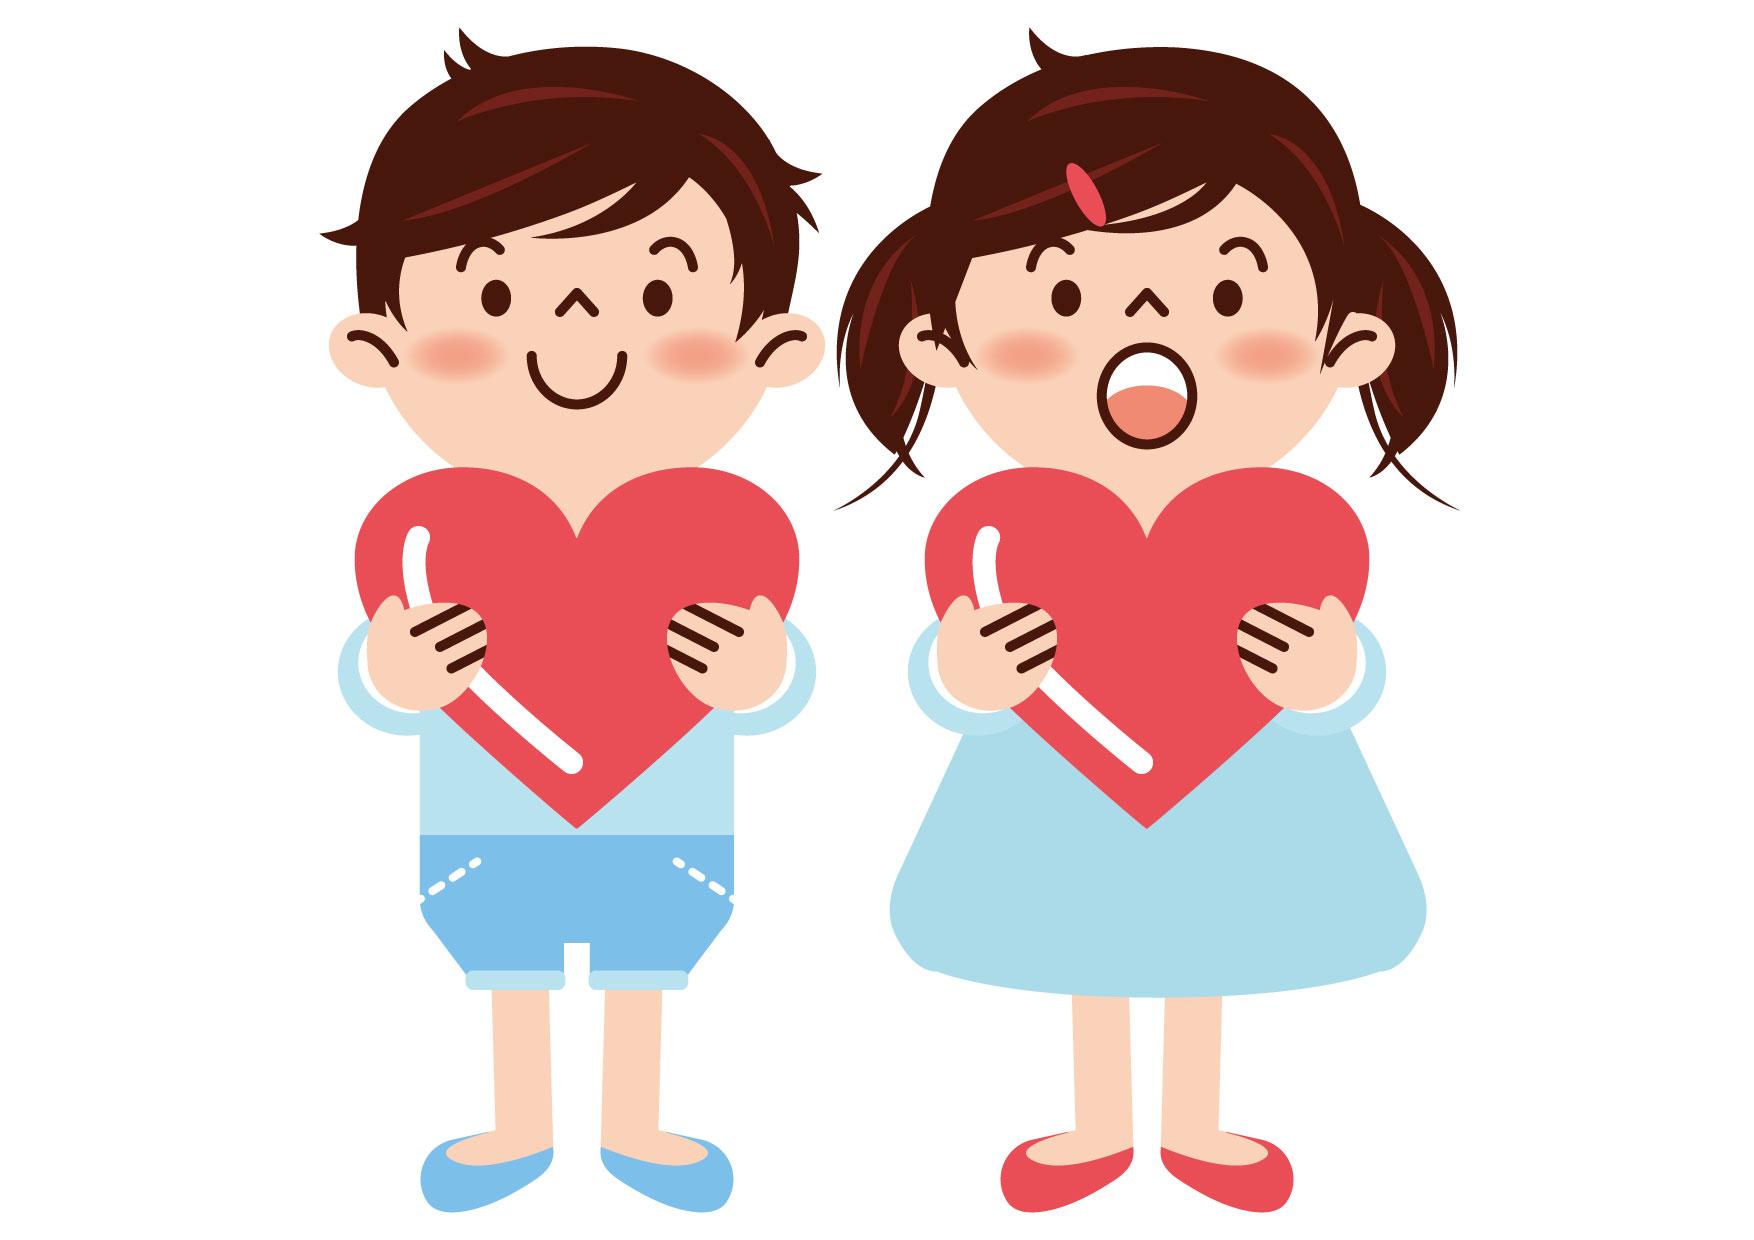 可愛いイラスト無料|女の子 男の子 ハート − free illustration Girl boy heart